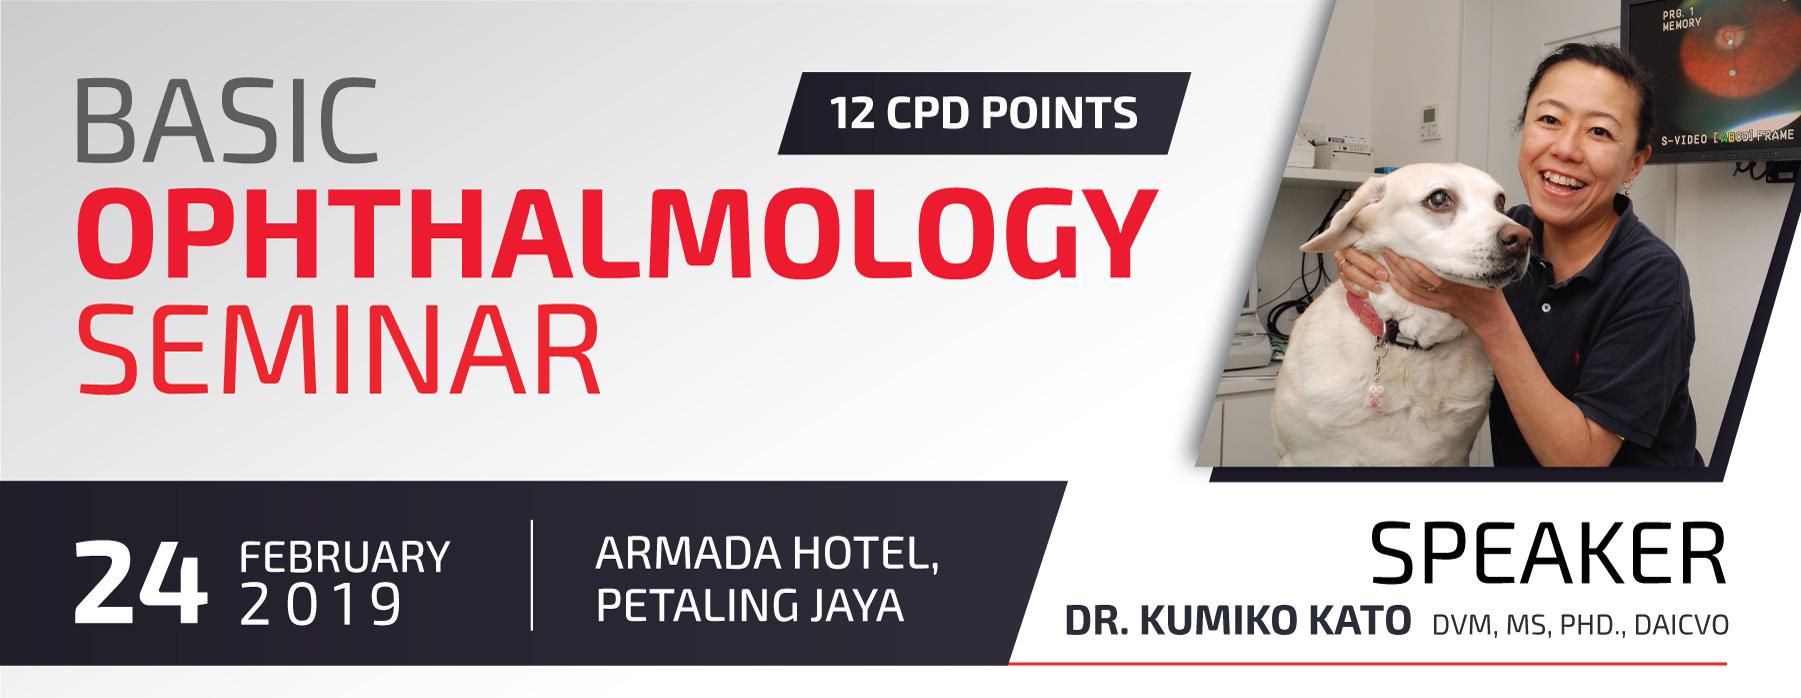 Basic Ophthalmology Seminar